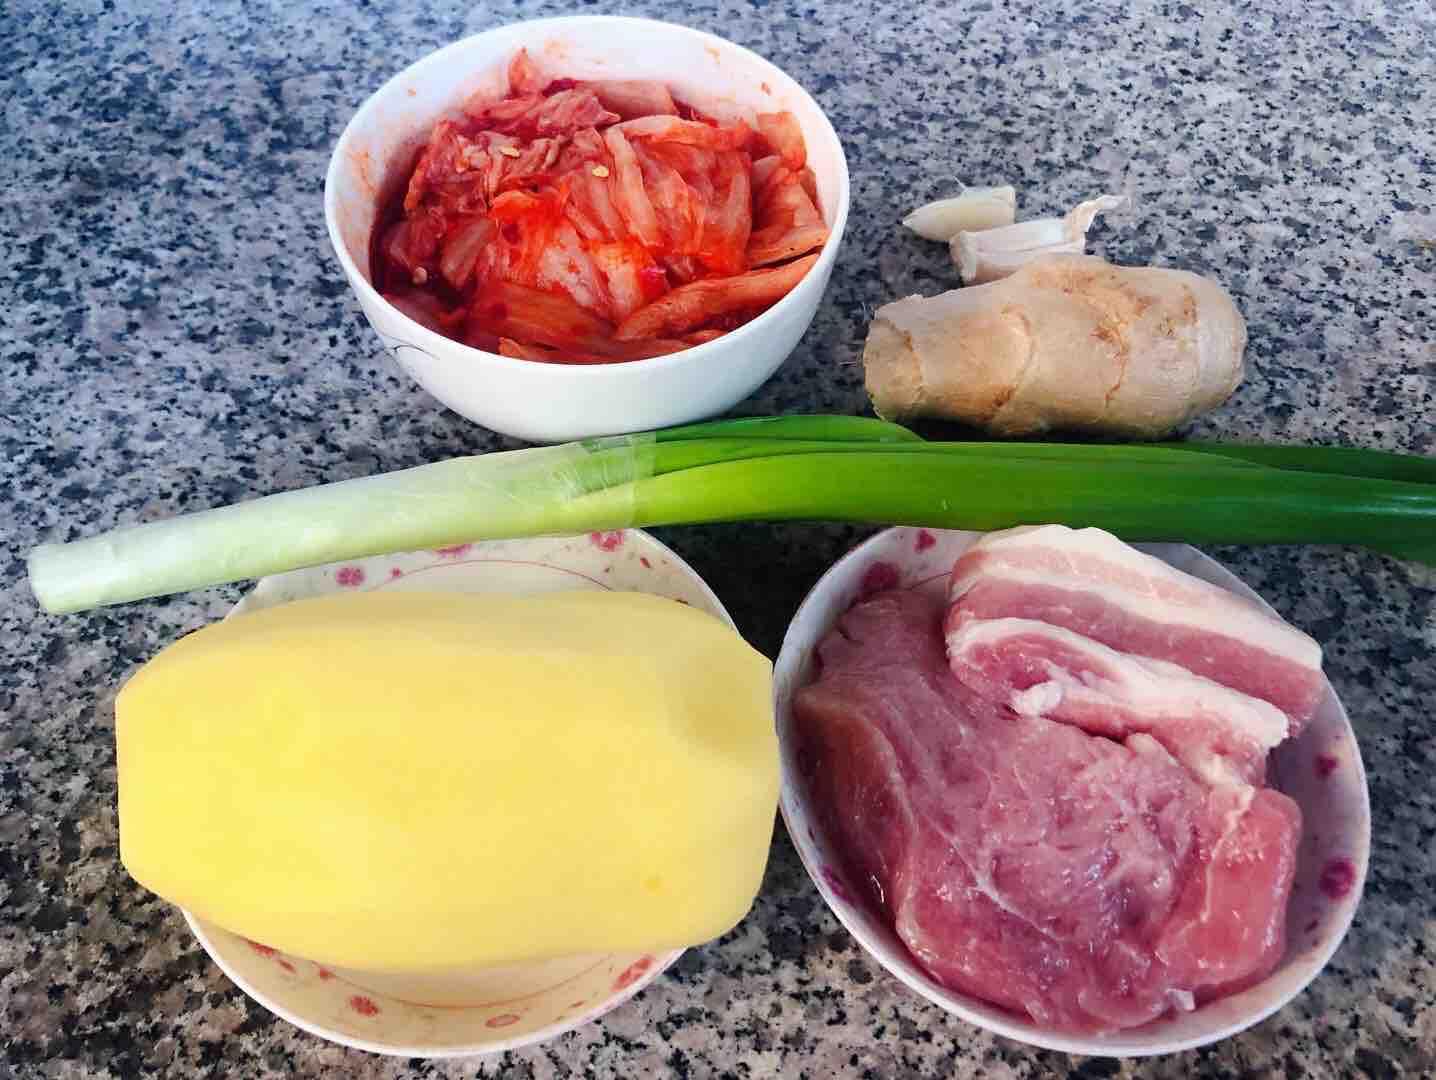 五花肉辣白菜炒土豆片的做法大全